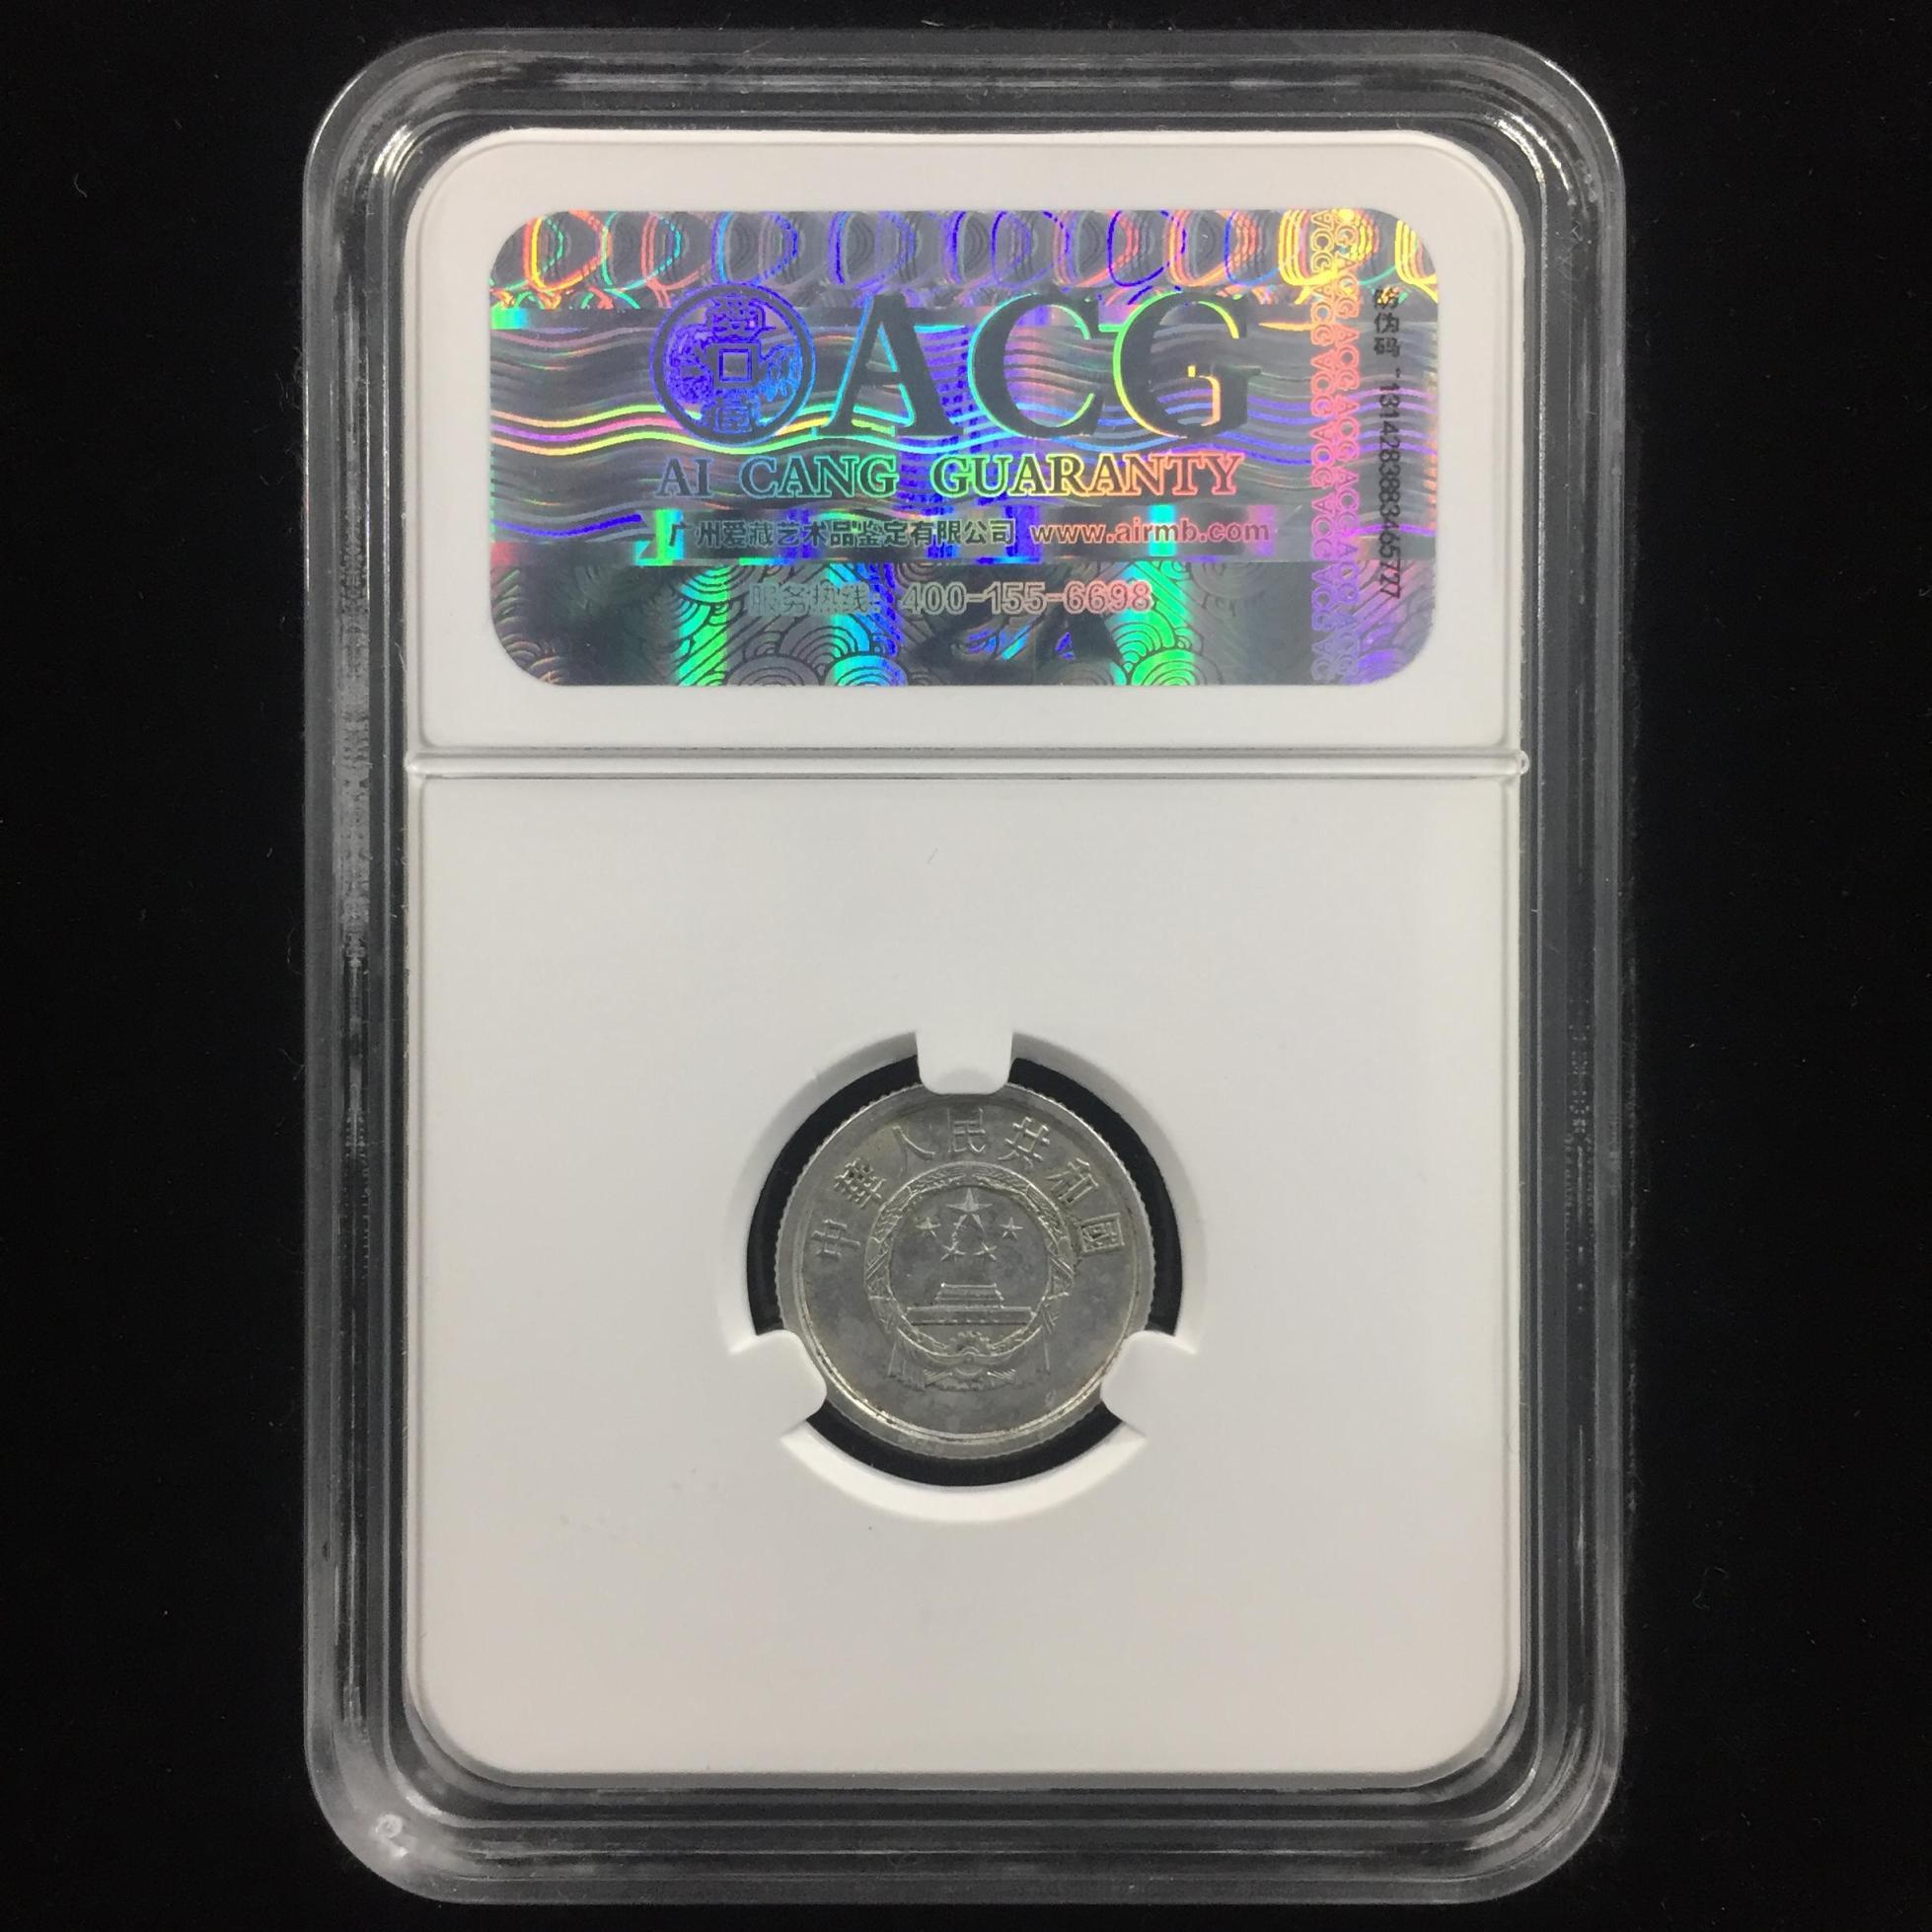 多肉币→1986年1分硬币→ACG鉴定证书-10757303